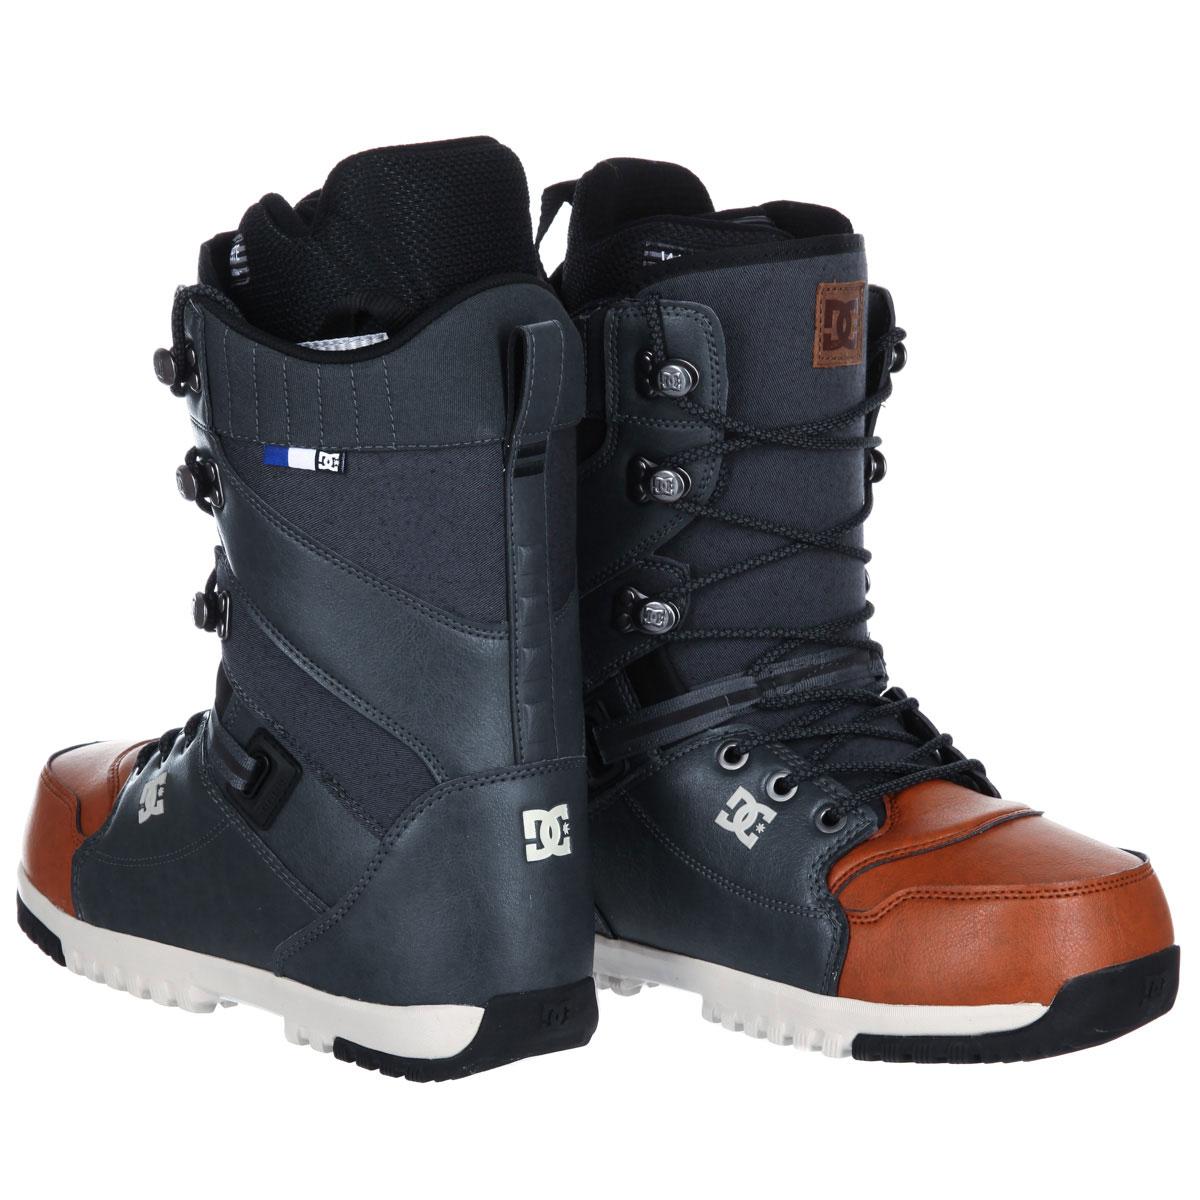 Купить ботинки для сноуборда DC Mutiny Dark Shadоw (ADYO200037-DSD ... 9fd5fc9588b